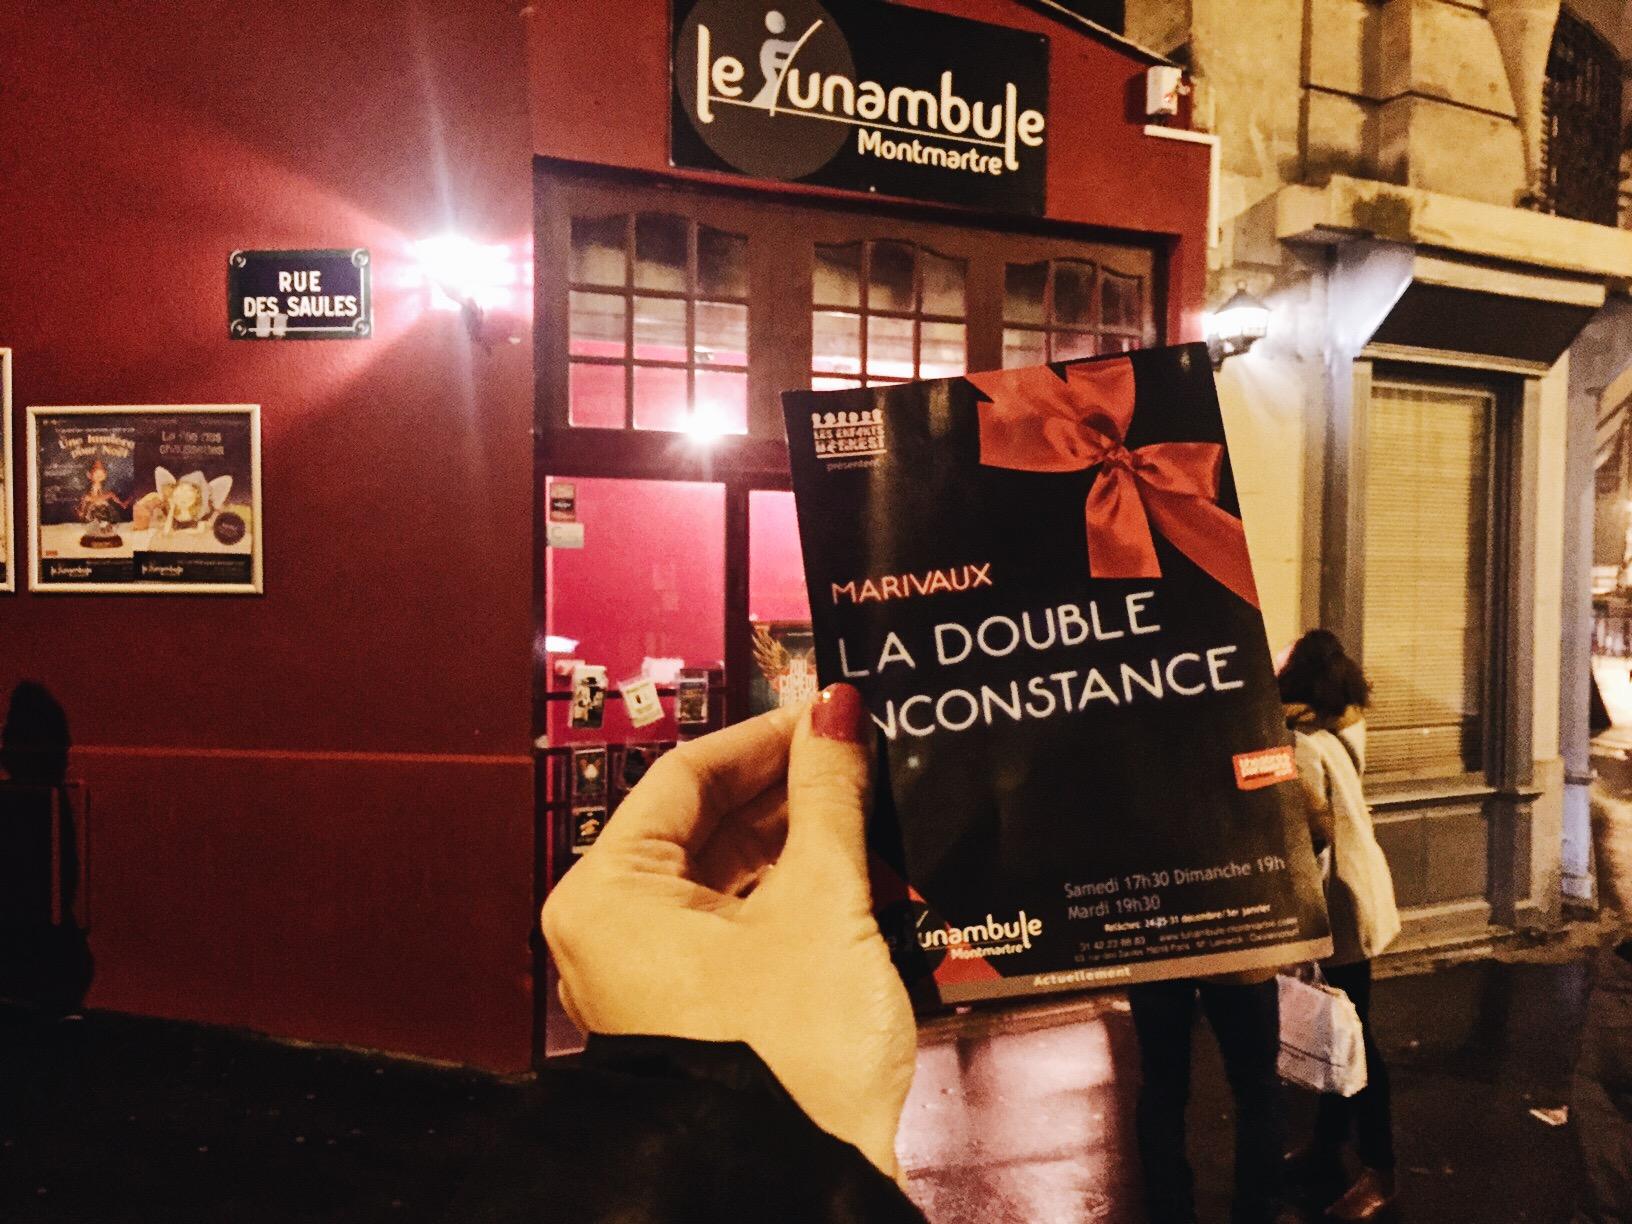 La-Double-inconstance-Marivaux-Le-Funambule-Montmartre-Paris-compagnie-Les-enfants-d-Ernest-photo-usofparis-blog